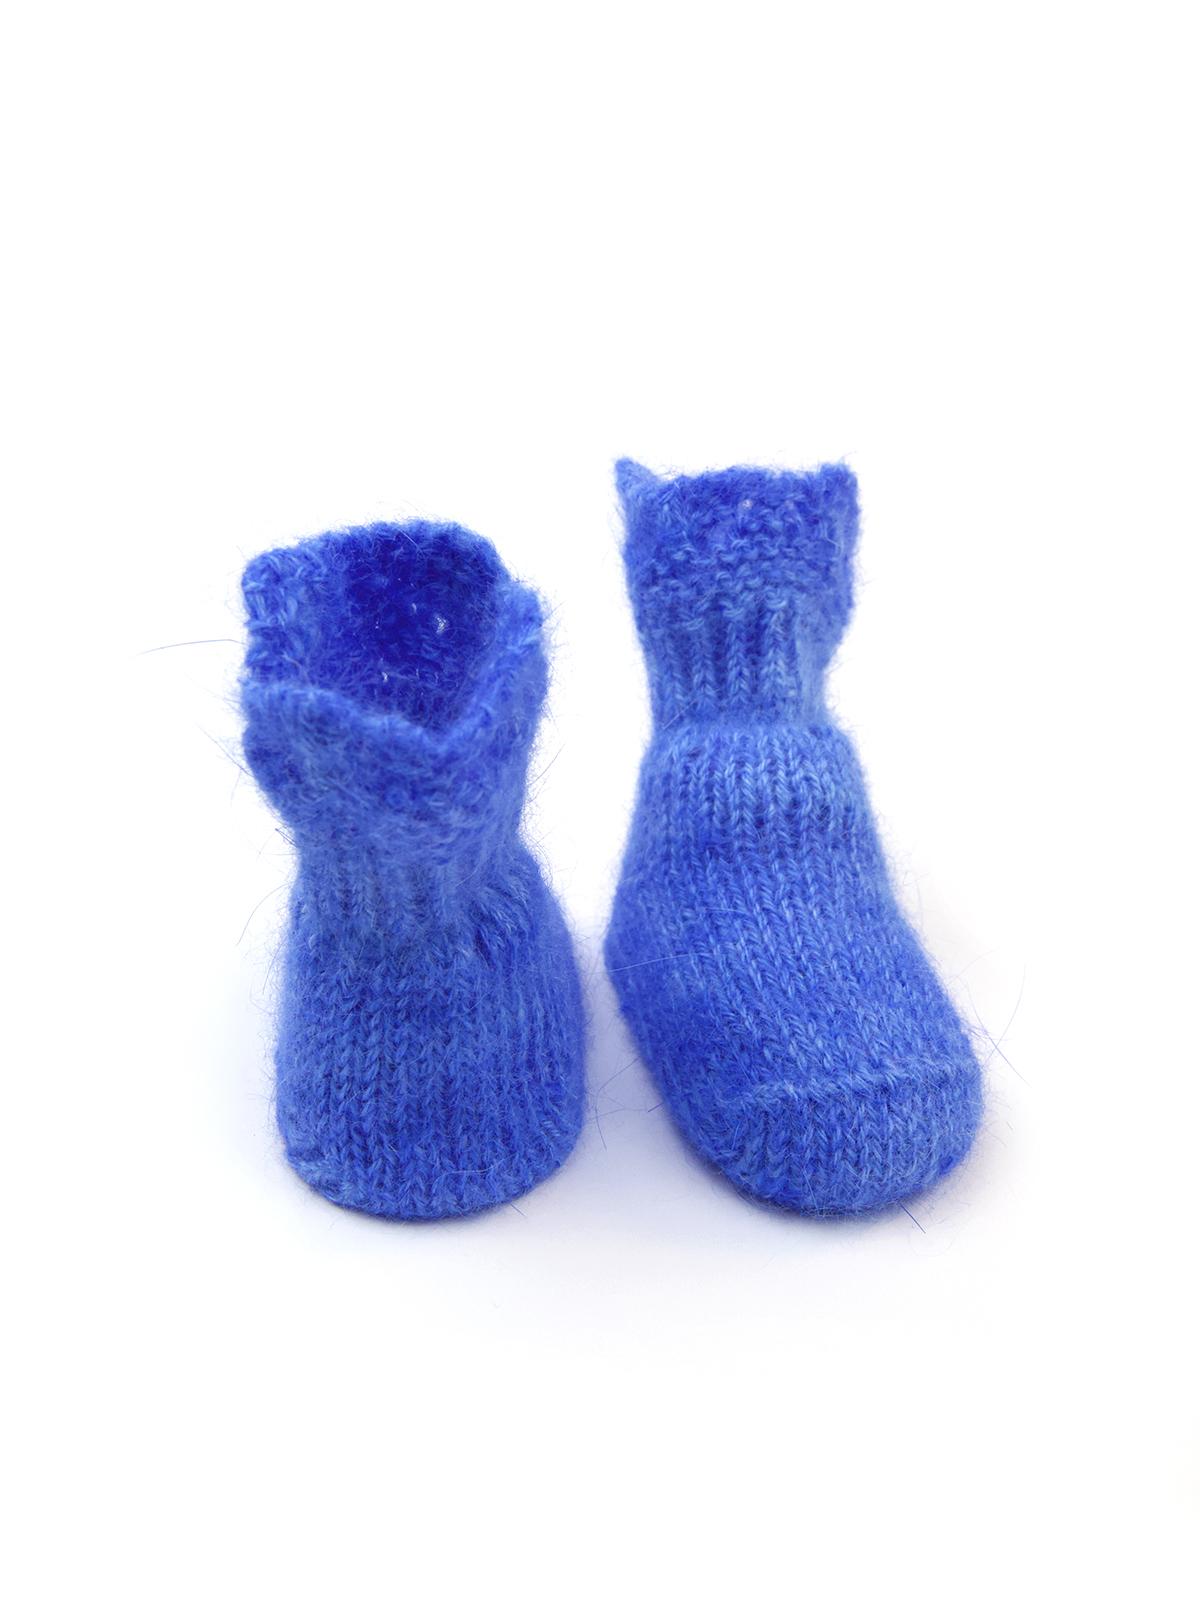 Вязаные детские носочки из ангоры и шерсти голубой